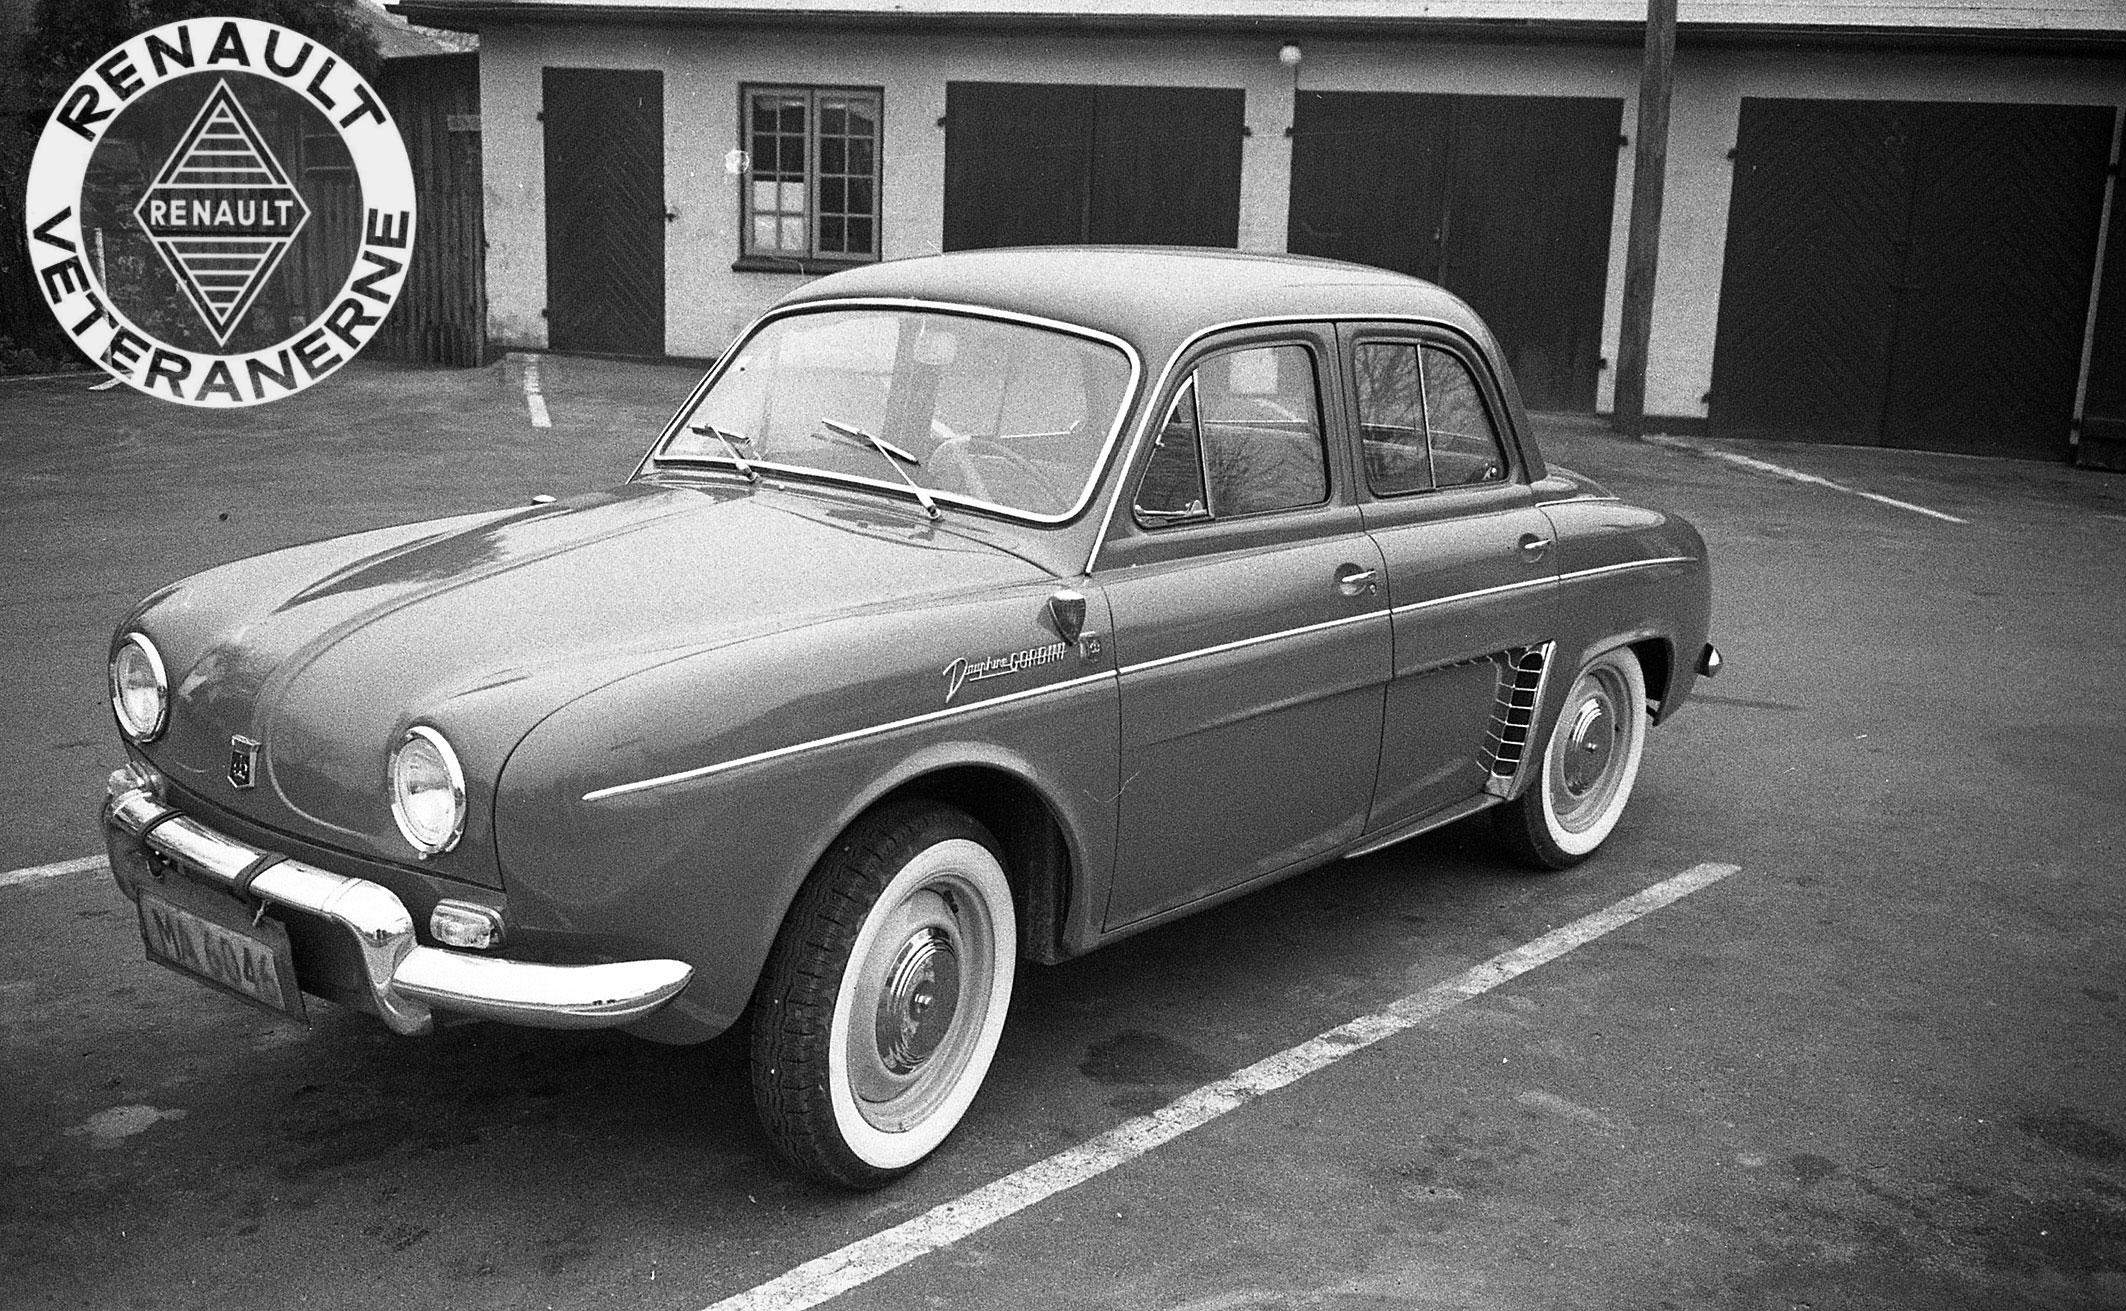 Her ses en af de allertidligste Dauphine Gordini i Odense hos aut. Renault-forhandler Svend Aage Madsen anno 1959. Bemærk det noget kiksede valg af Ermax blinklygte lige ved siden af det fabriksmonterede rød/transparente, som desværre ikke kunne godkendes i Danmark – hvor der kræves orange sideblinklygter. Der kom dog ikke mange Gordini til Danmark før omkring 1962/63.